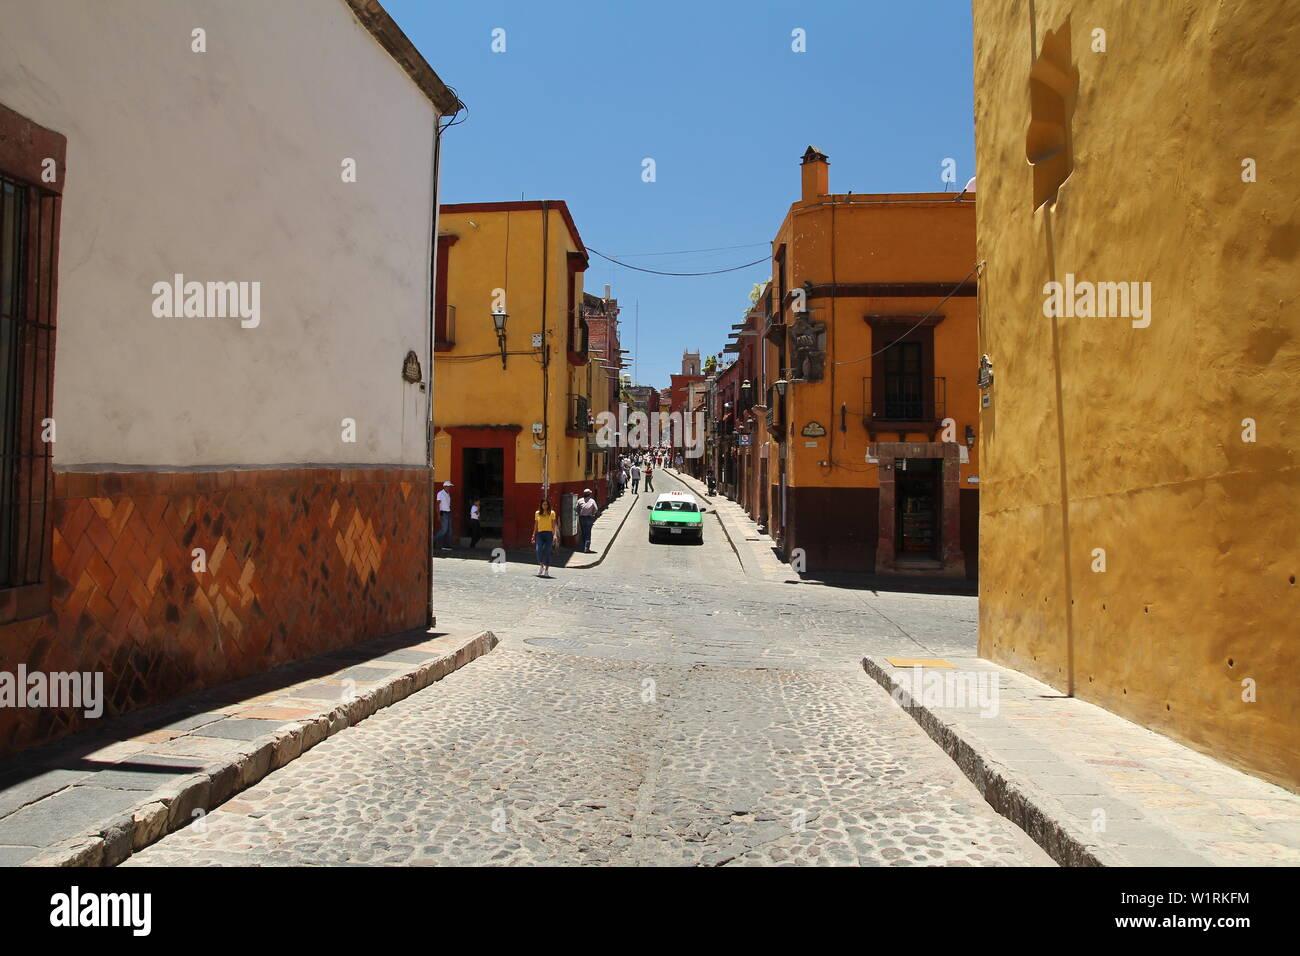 Architektur und Bilder von San Miguel de Allende, Guanajuato, Mexiko. Stockfoto